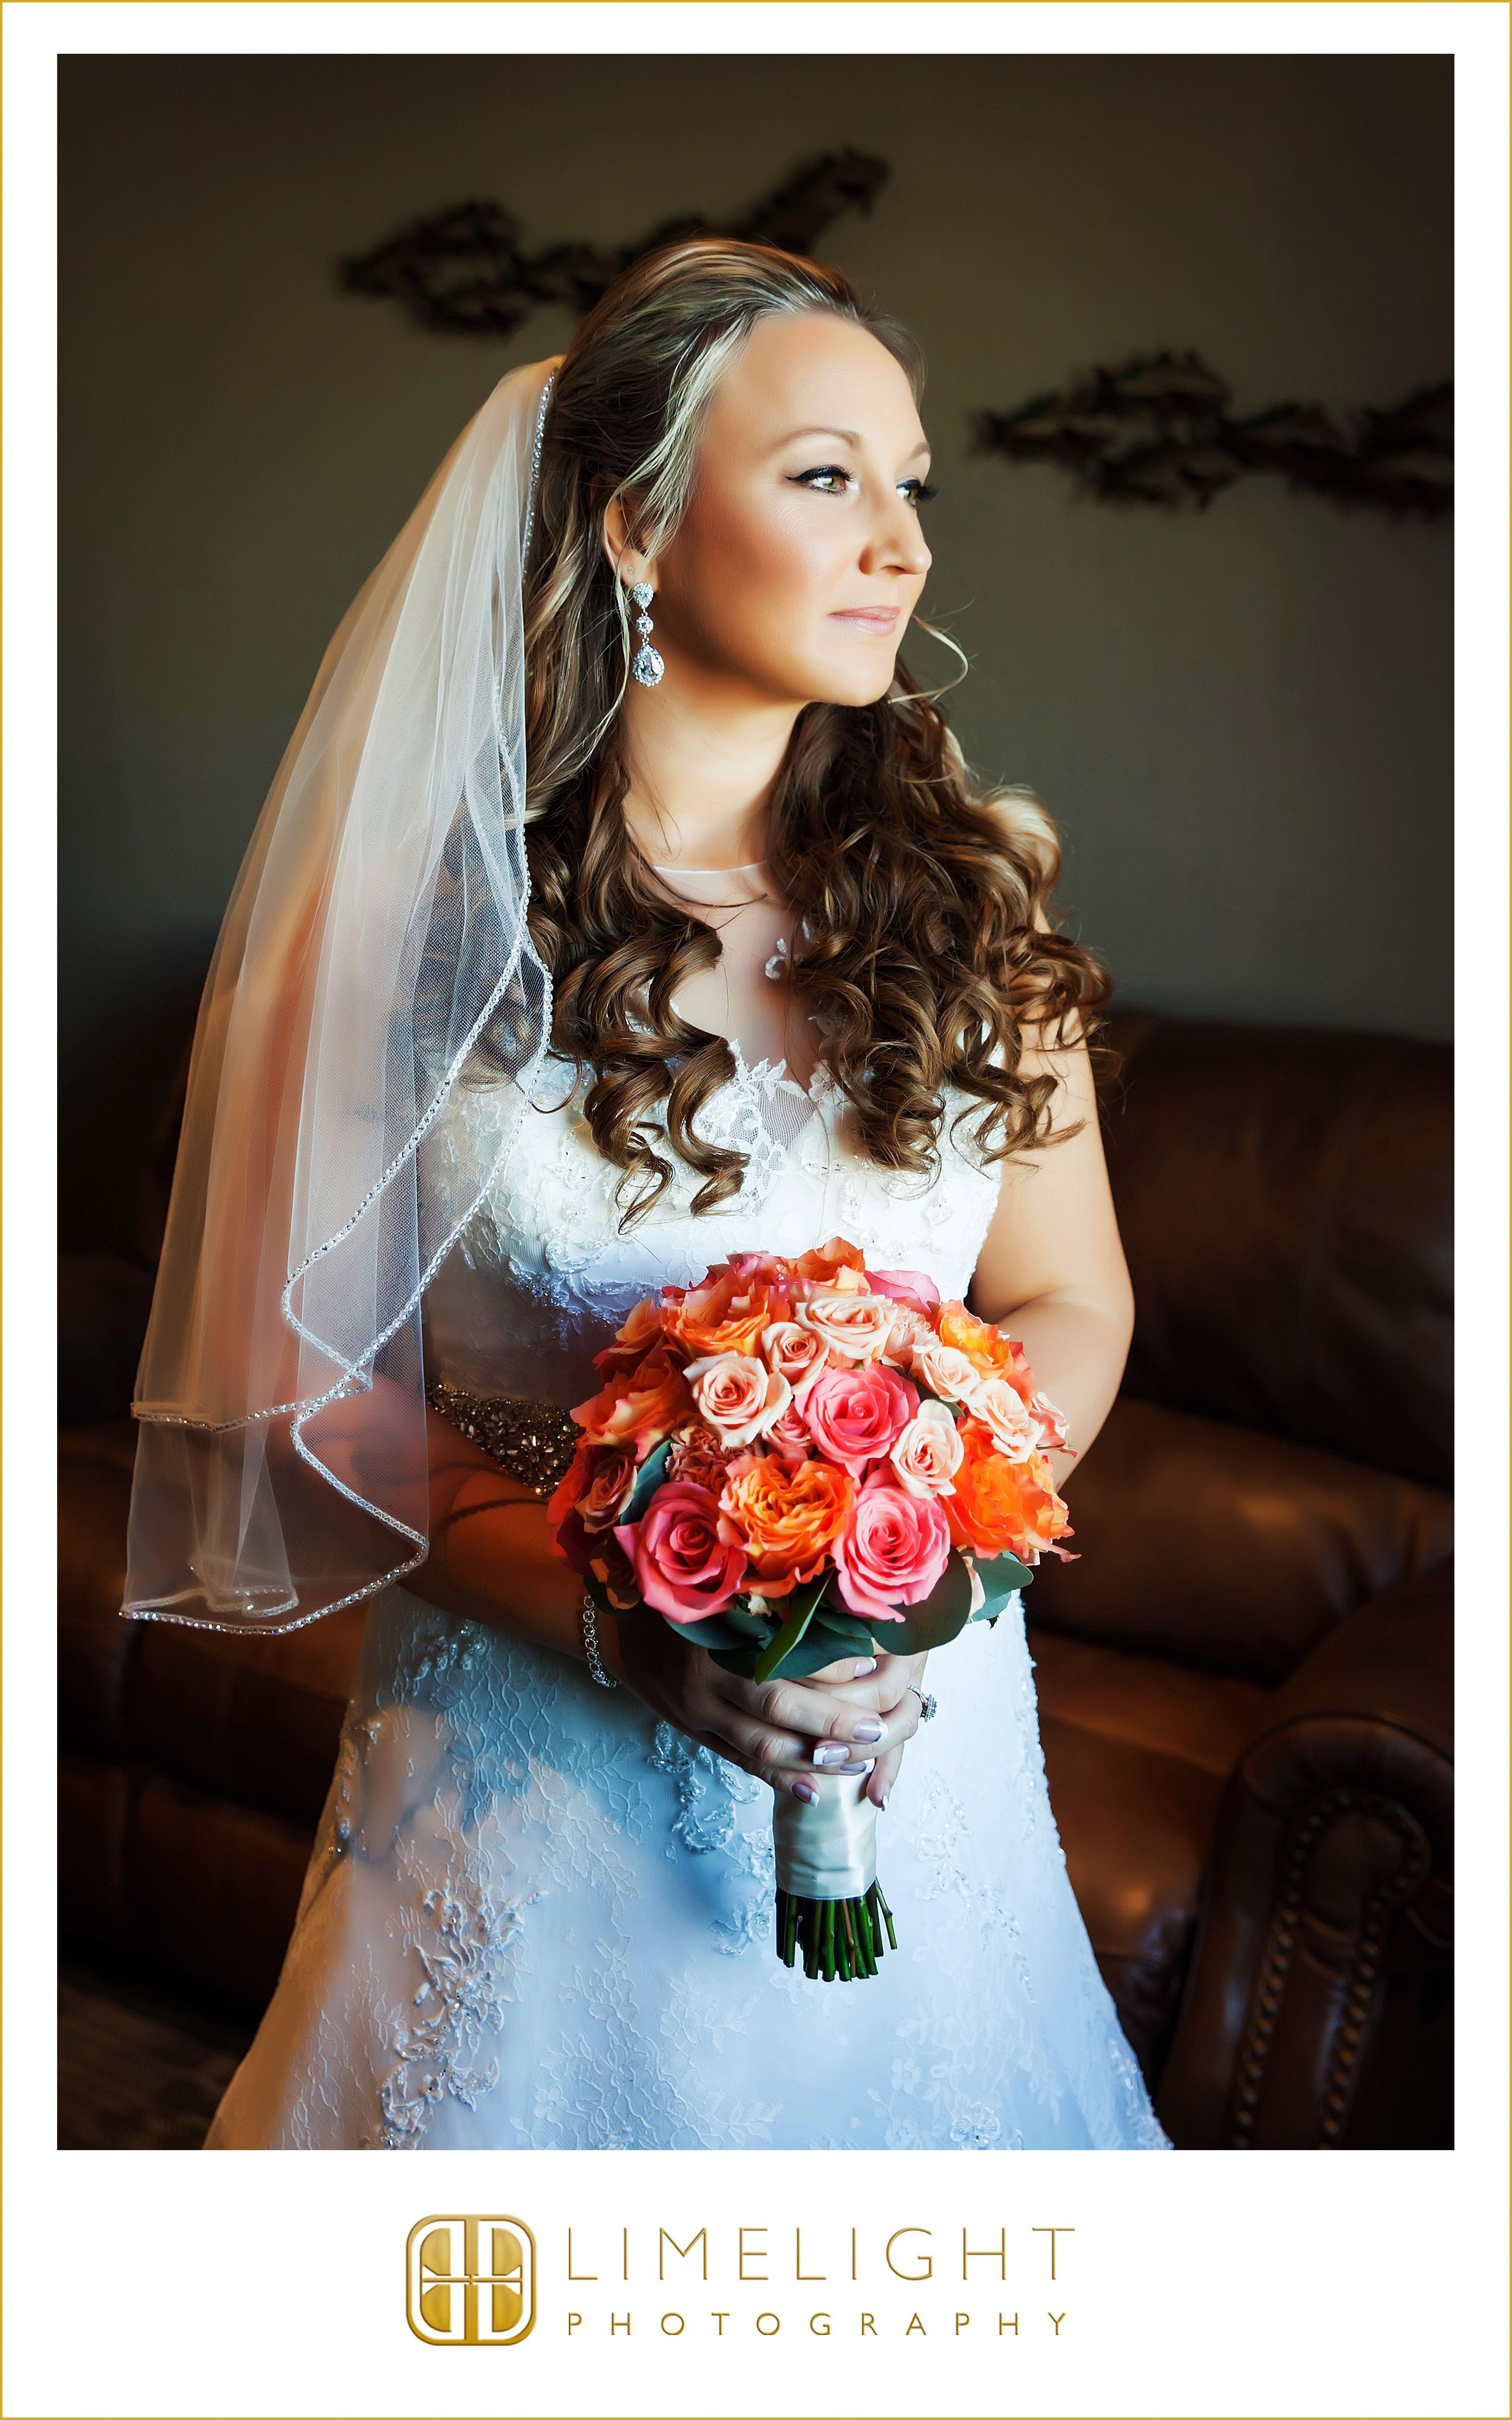 Wedding Limelightphotography Saint John Vianney Flower Girl Dresses Wedding Wedding Dresses